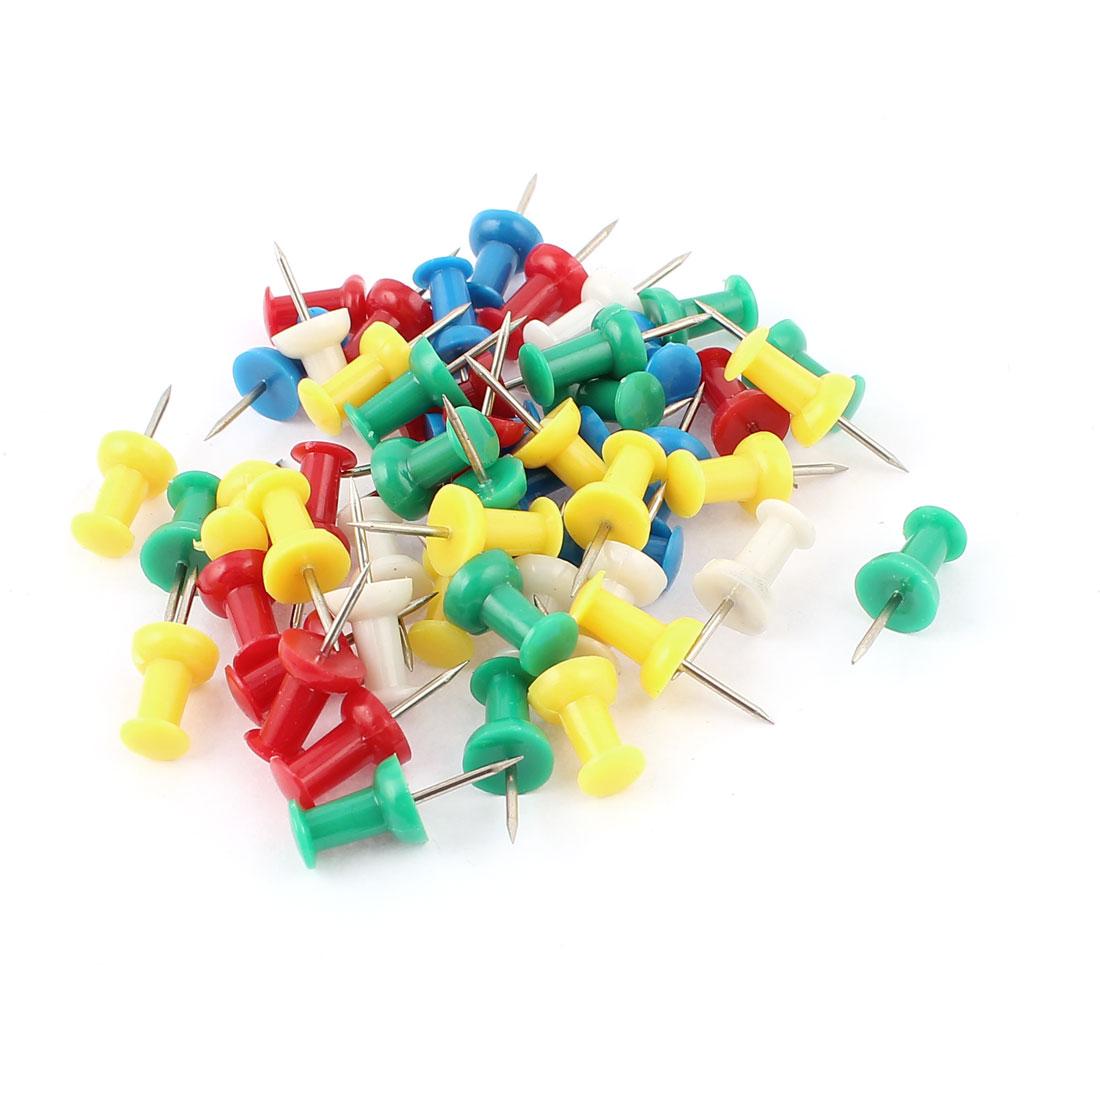 Plastic Head Push Pins Thumbtacks Thumb Tacks Sticker Assorted Color 50pcs